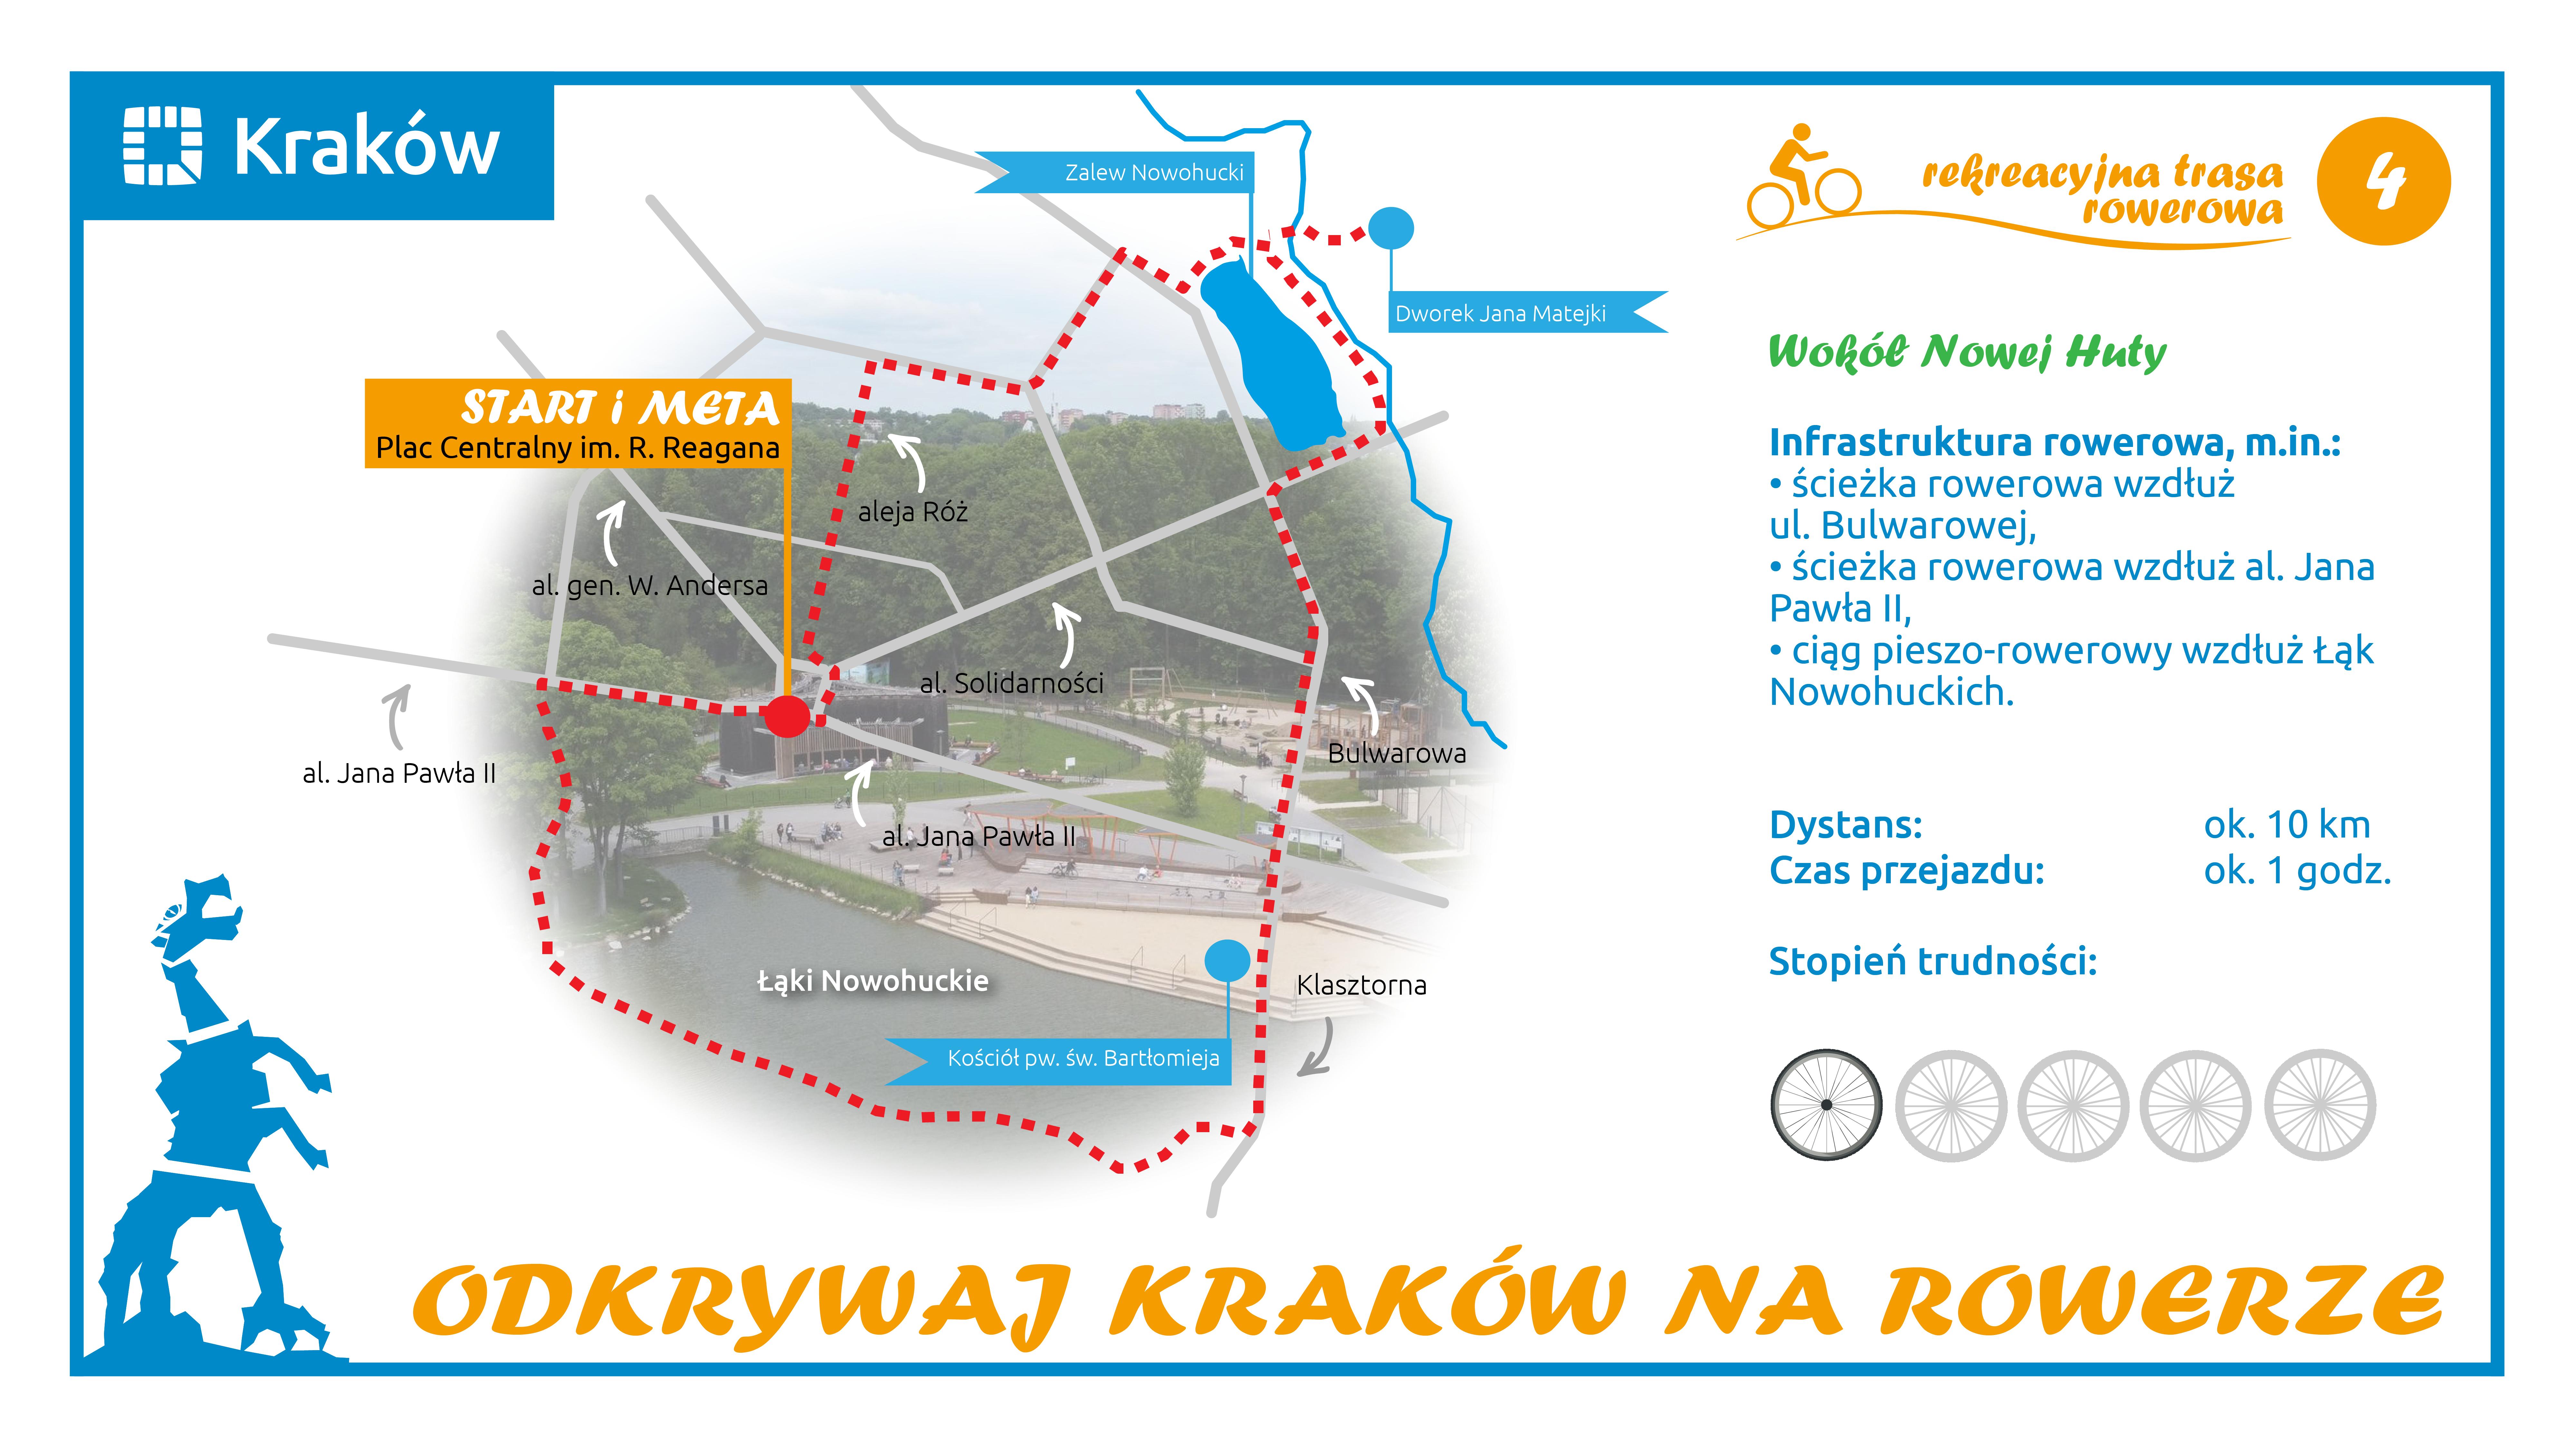 Zdjęcie Kraków w formie – Rowerowa pętla po Nowej Hucie